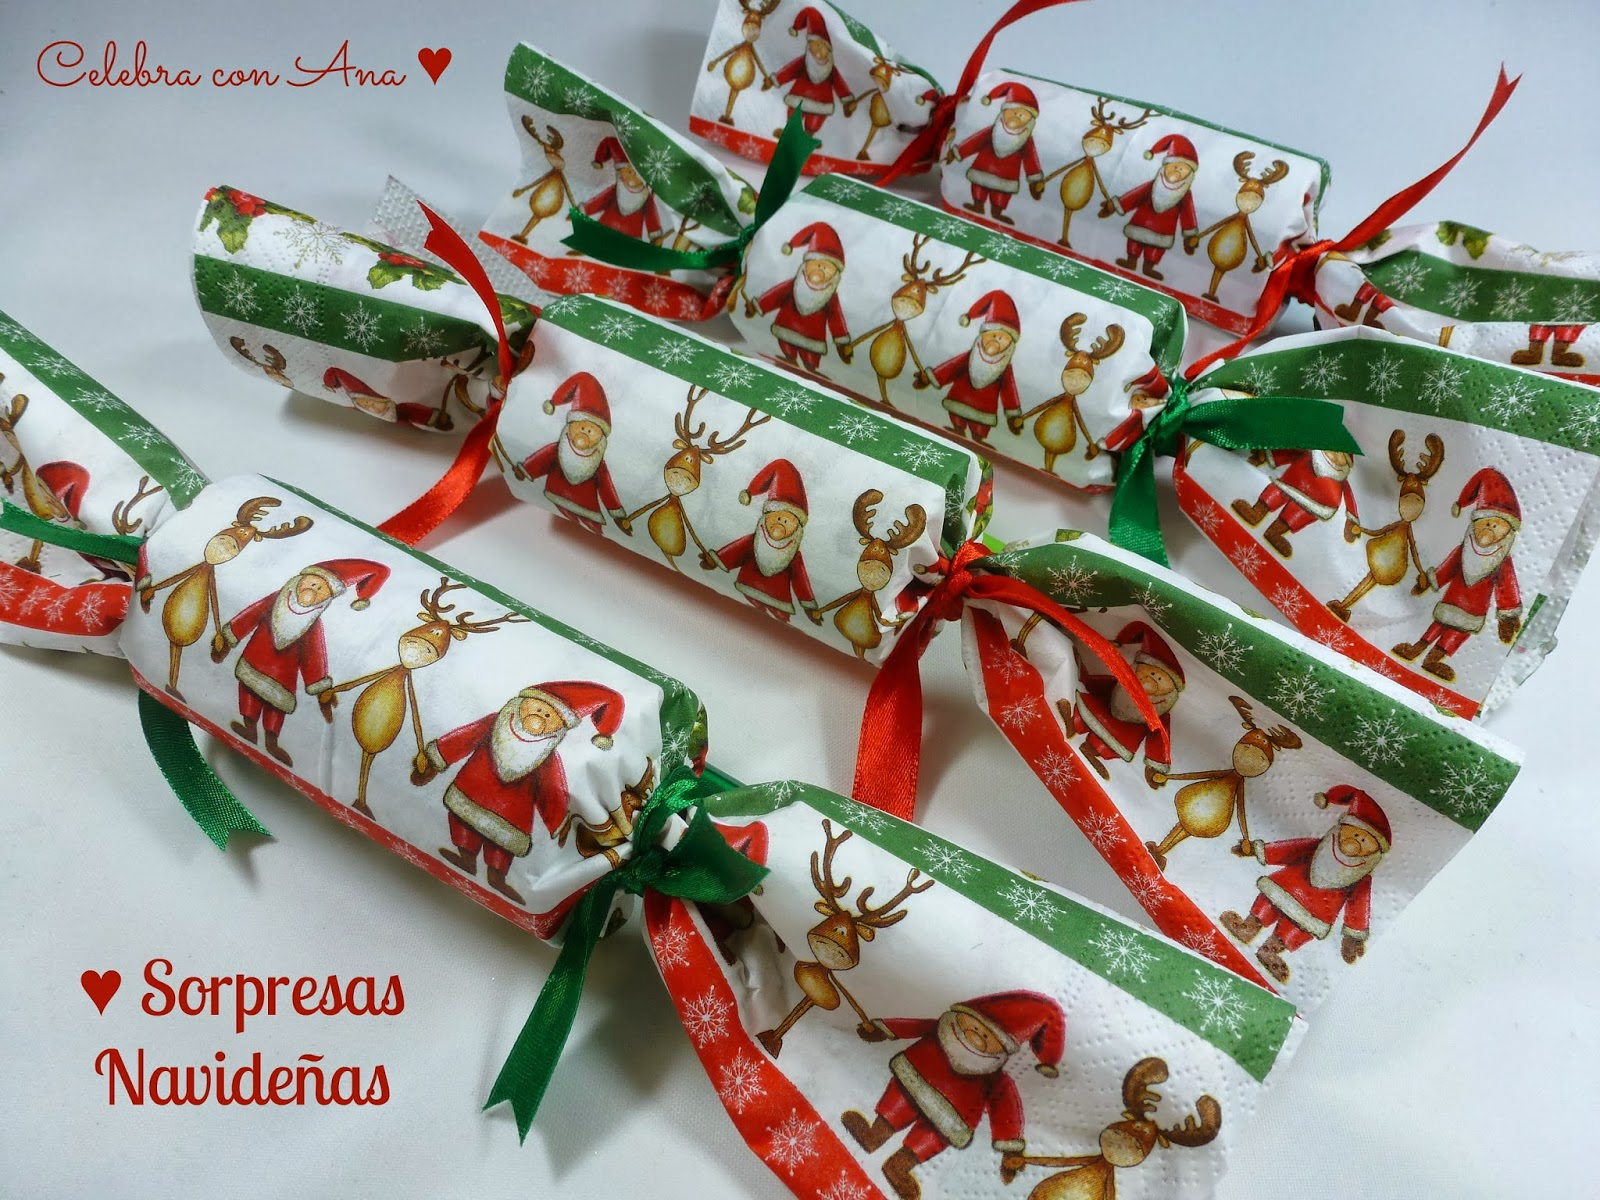 Celebra con ana compartiendo experiencias creativas - Sorpresas para navidad ...